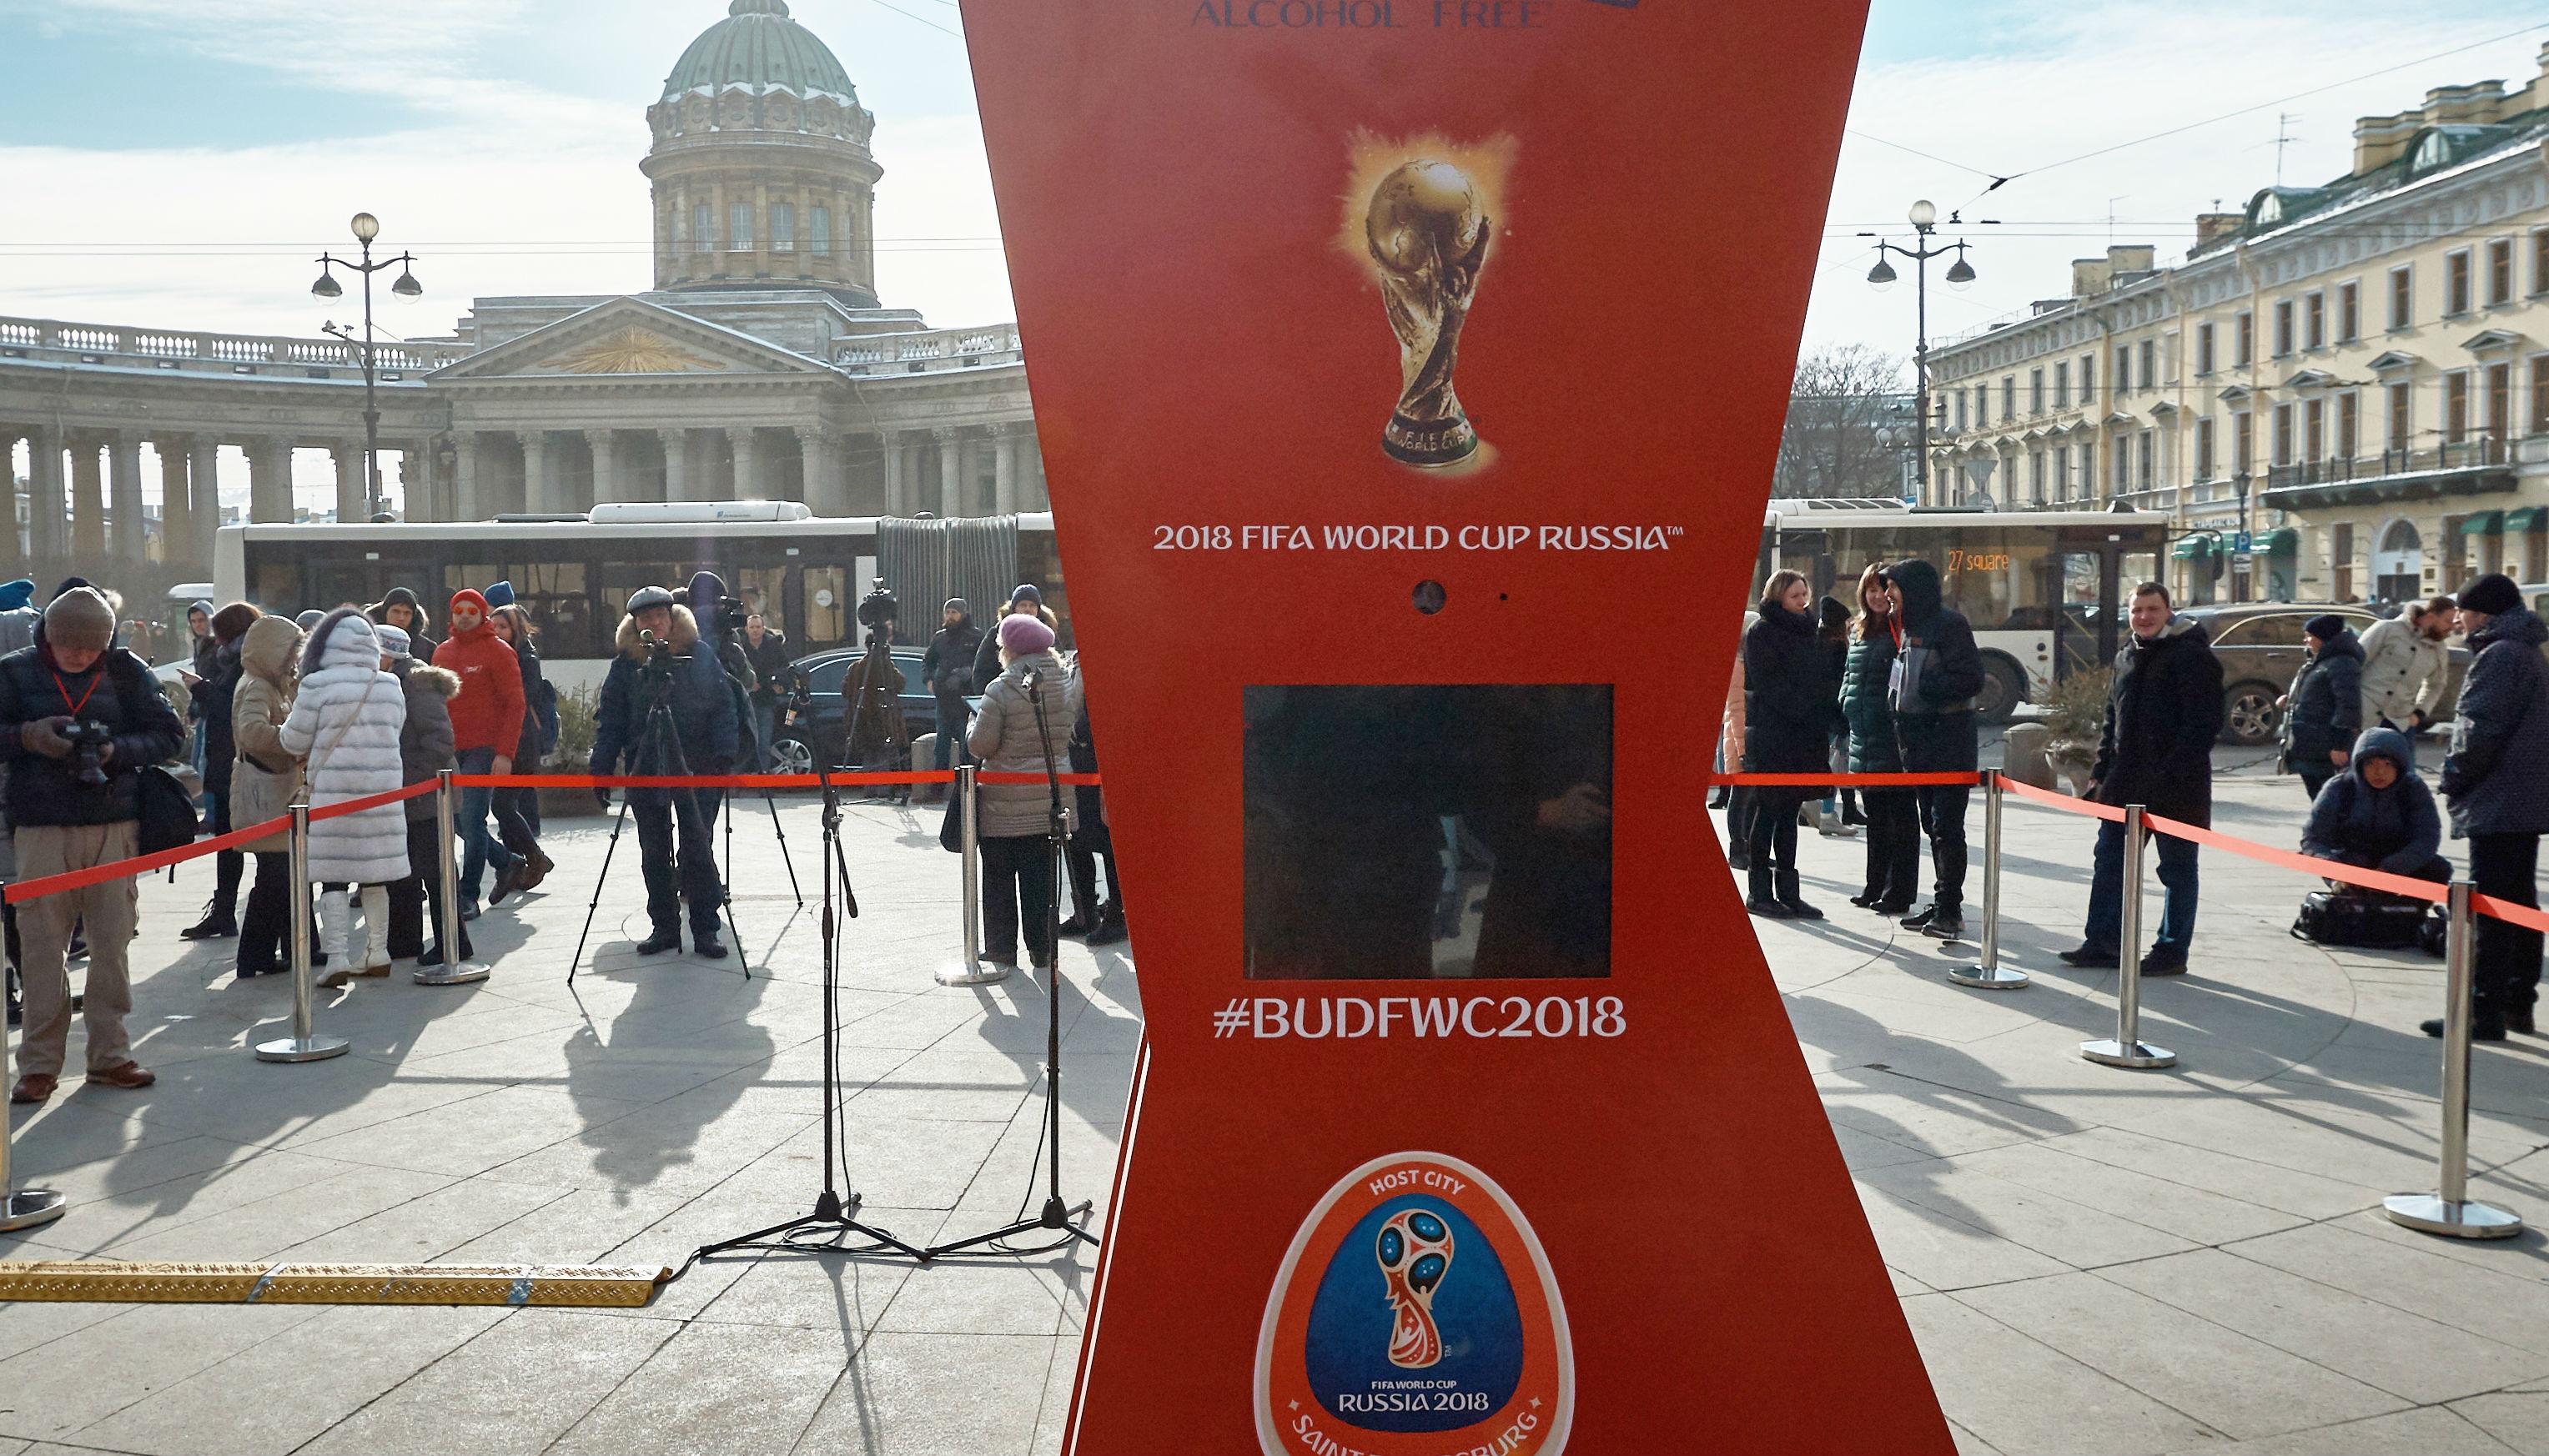 俄将组建旅游警察护航世界杯 要求精通汉语等多国语言